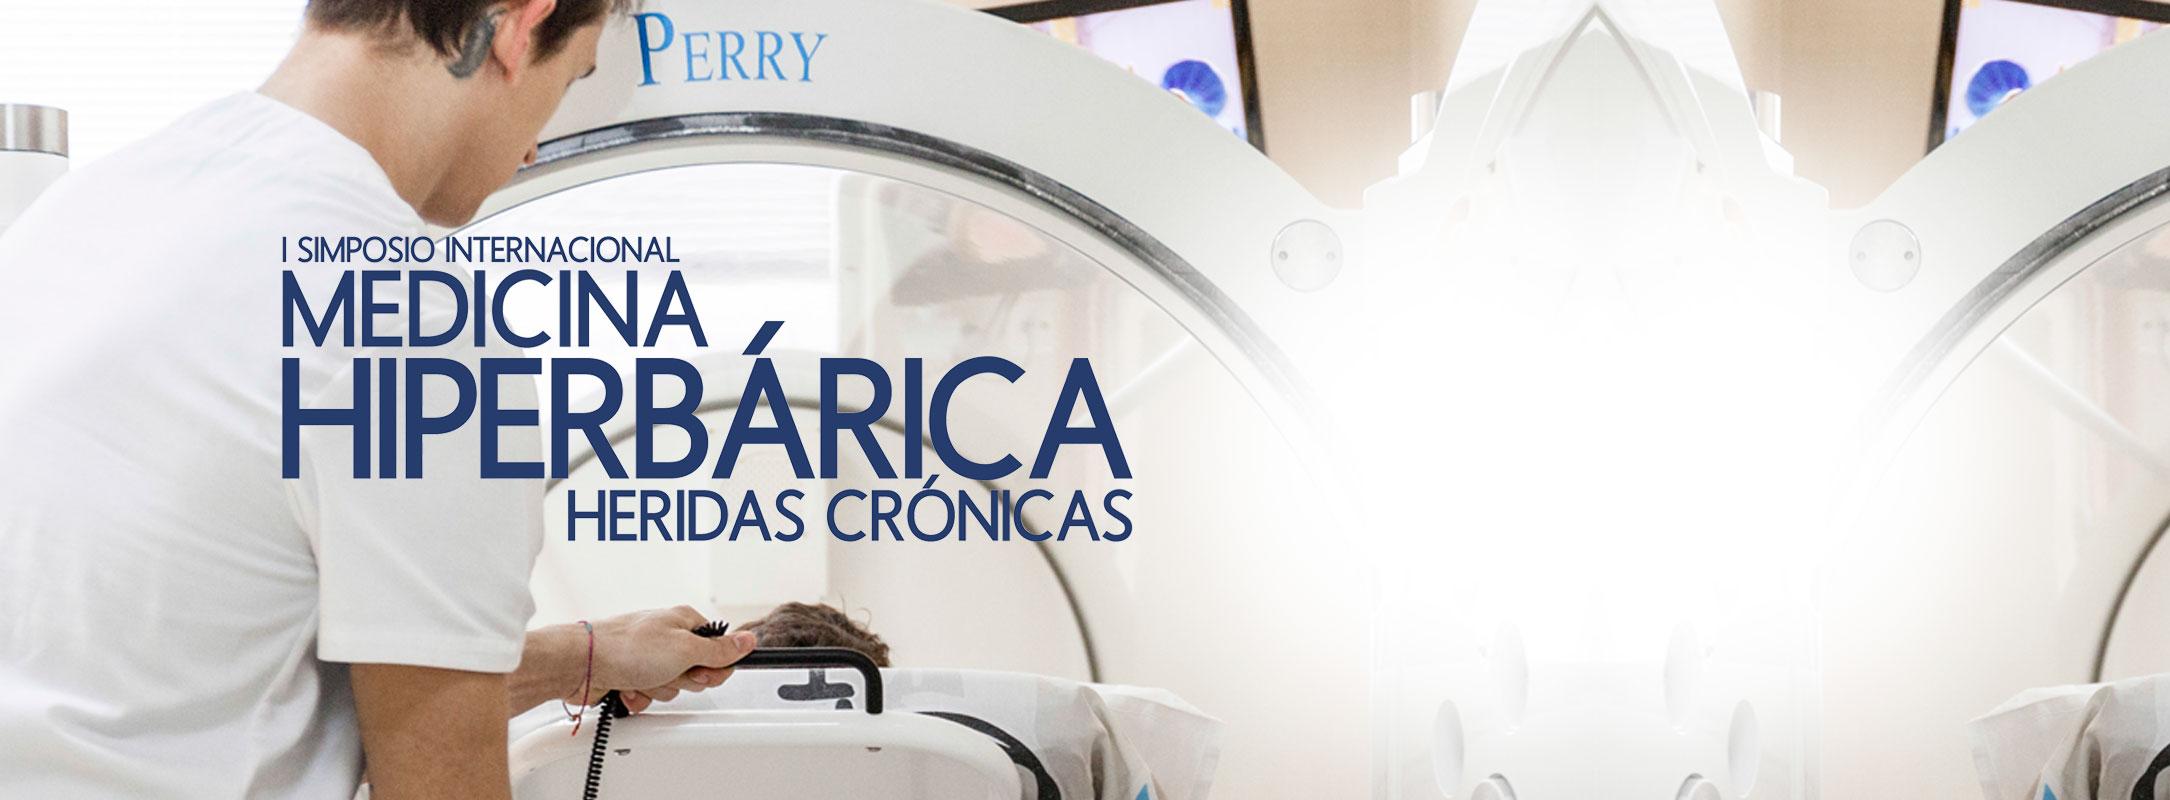 El próximo <strong>30 de junio</strong> a las 17:00 h. en el Auditorio Reina Sofía del Hospital Universitario Sanchinarro